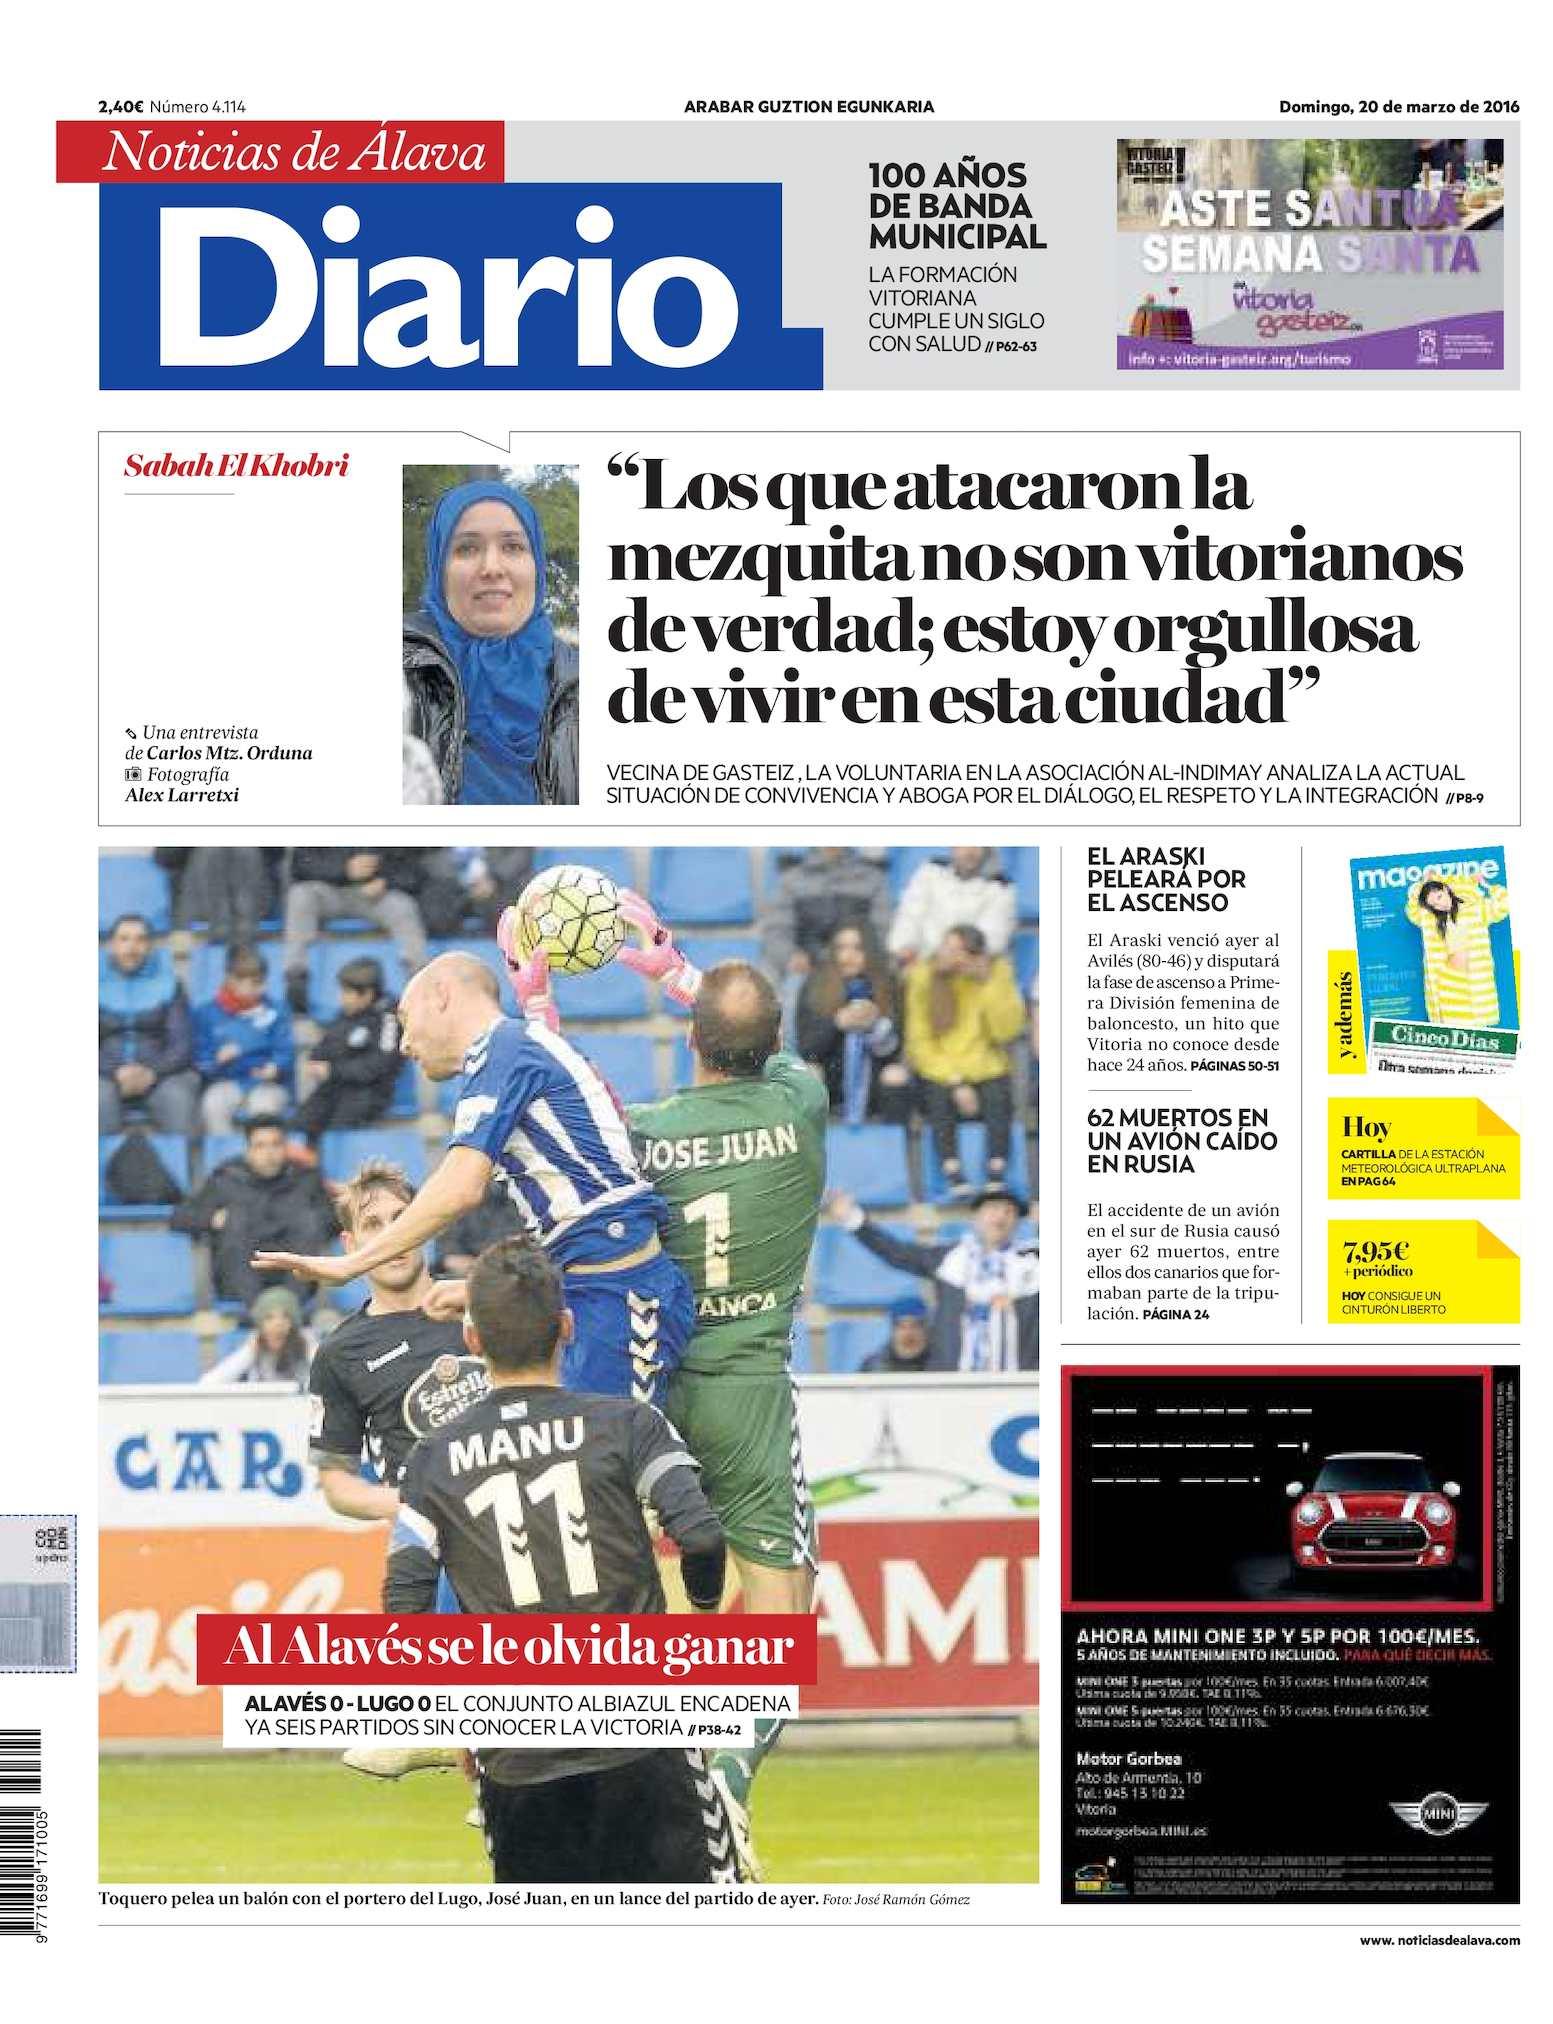 Calaméo - Diario de Noticias de Álava 20160320 1e5b4e9bcac9